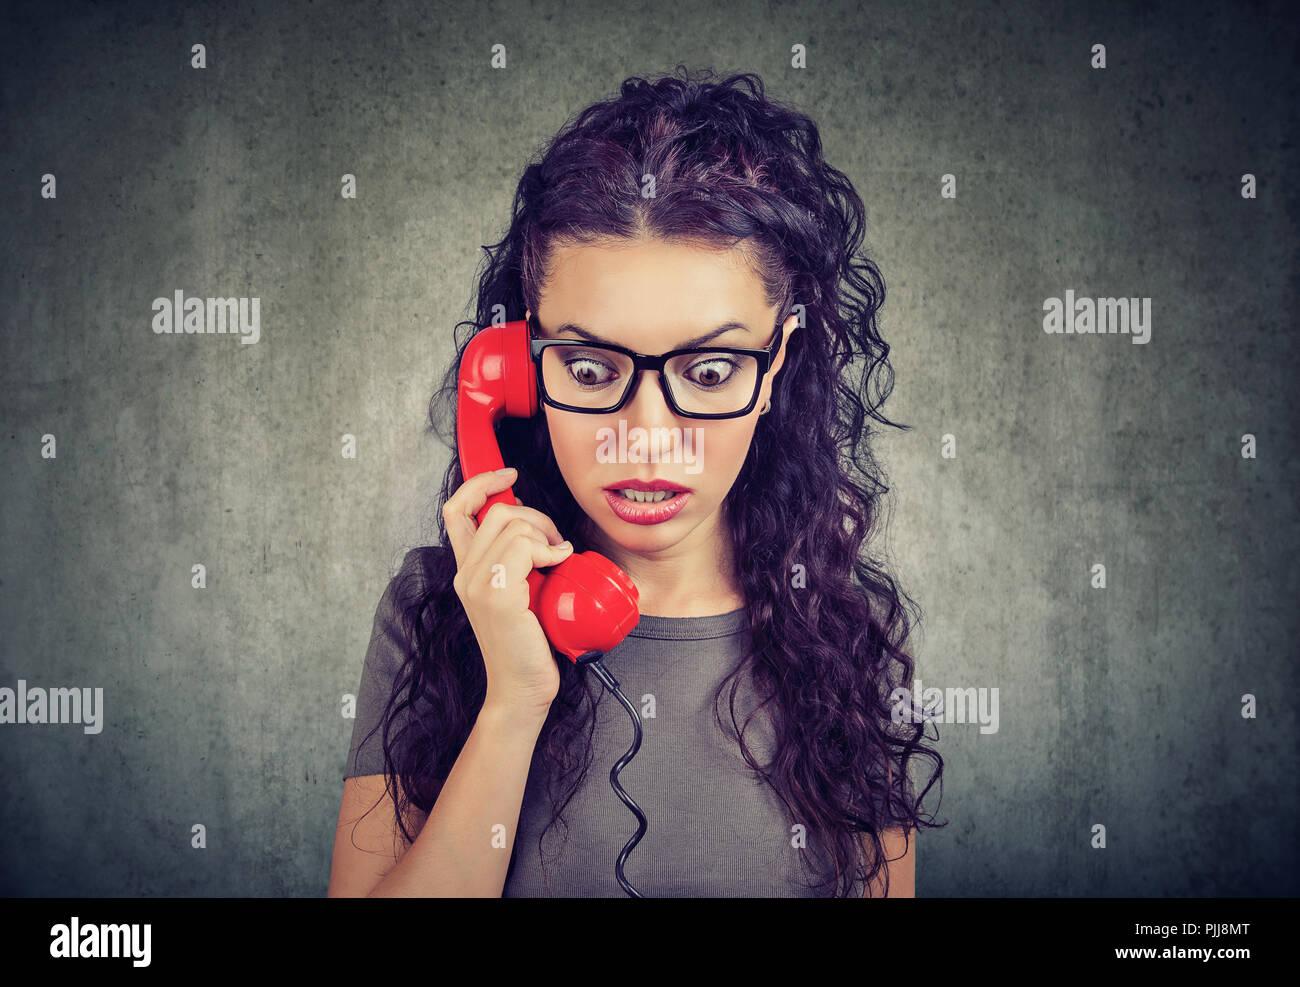 Woman receiving nouvelle choquante sur un téléphone et regardant vers le bas avec la peur. Photo Stock